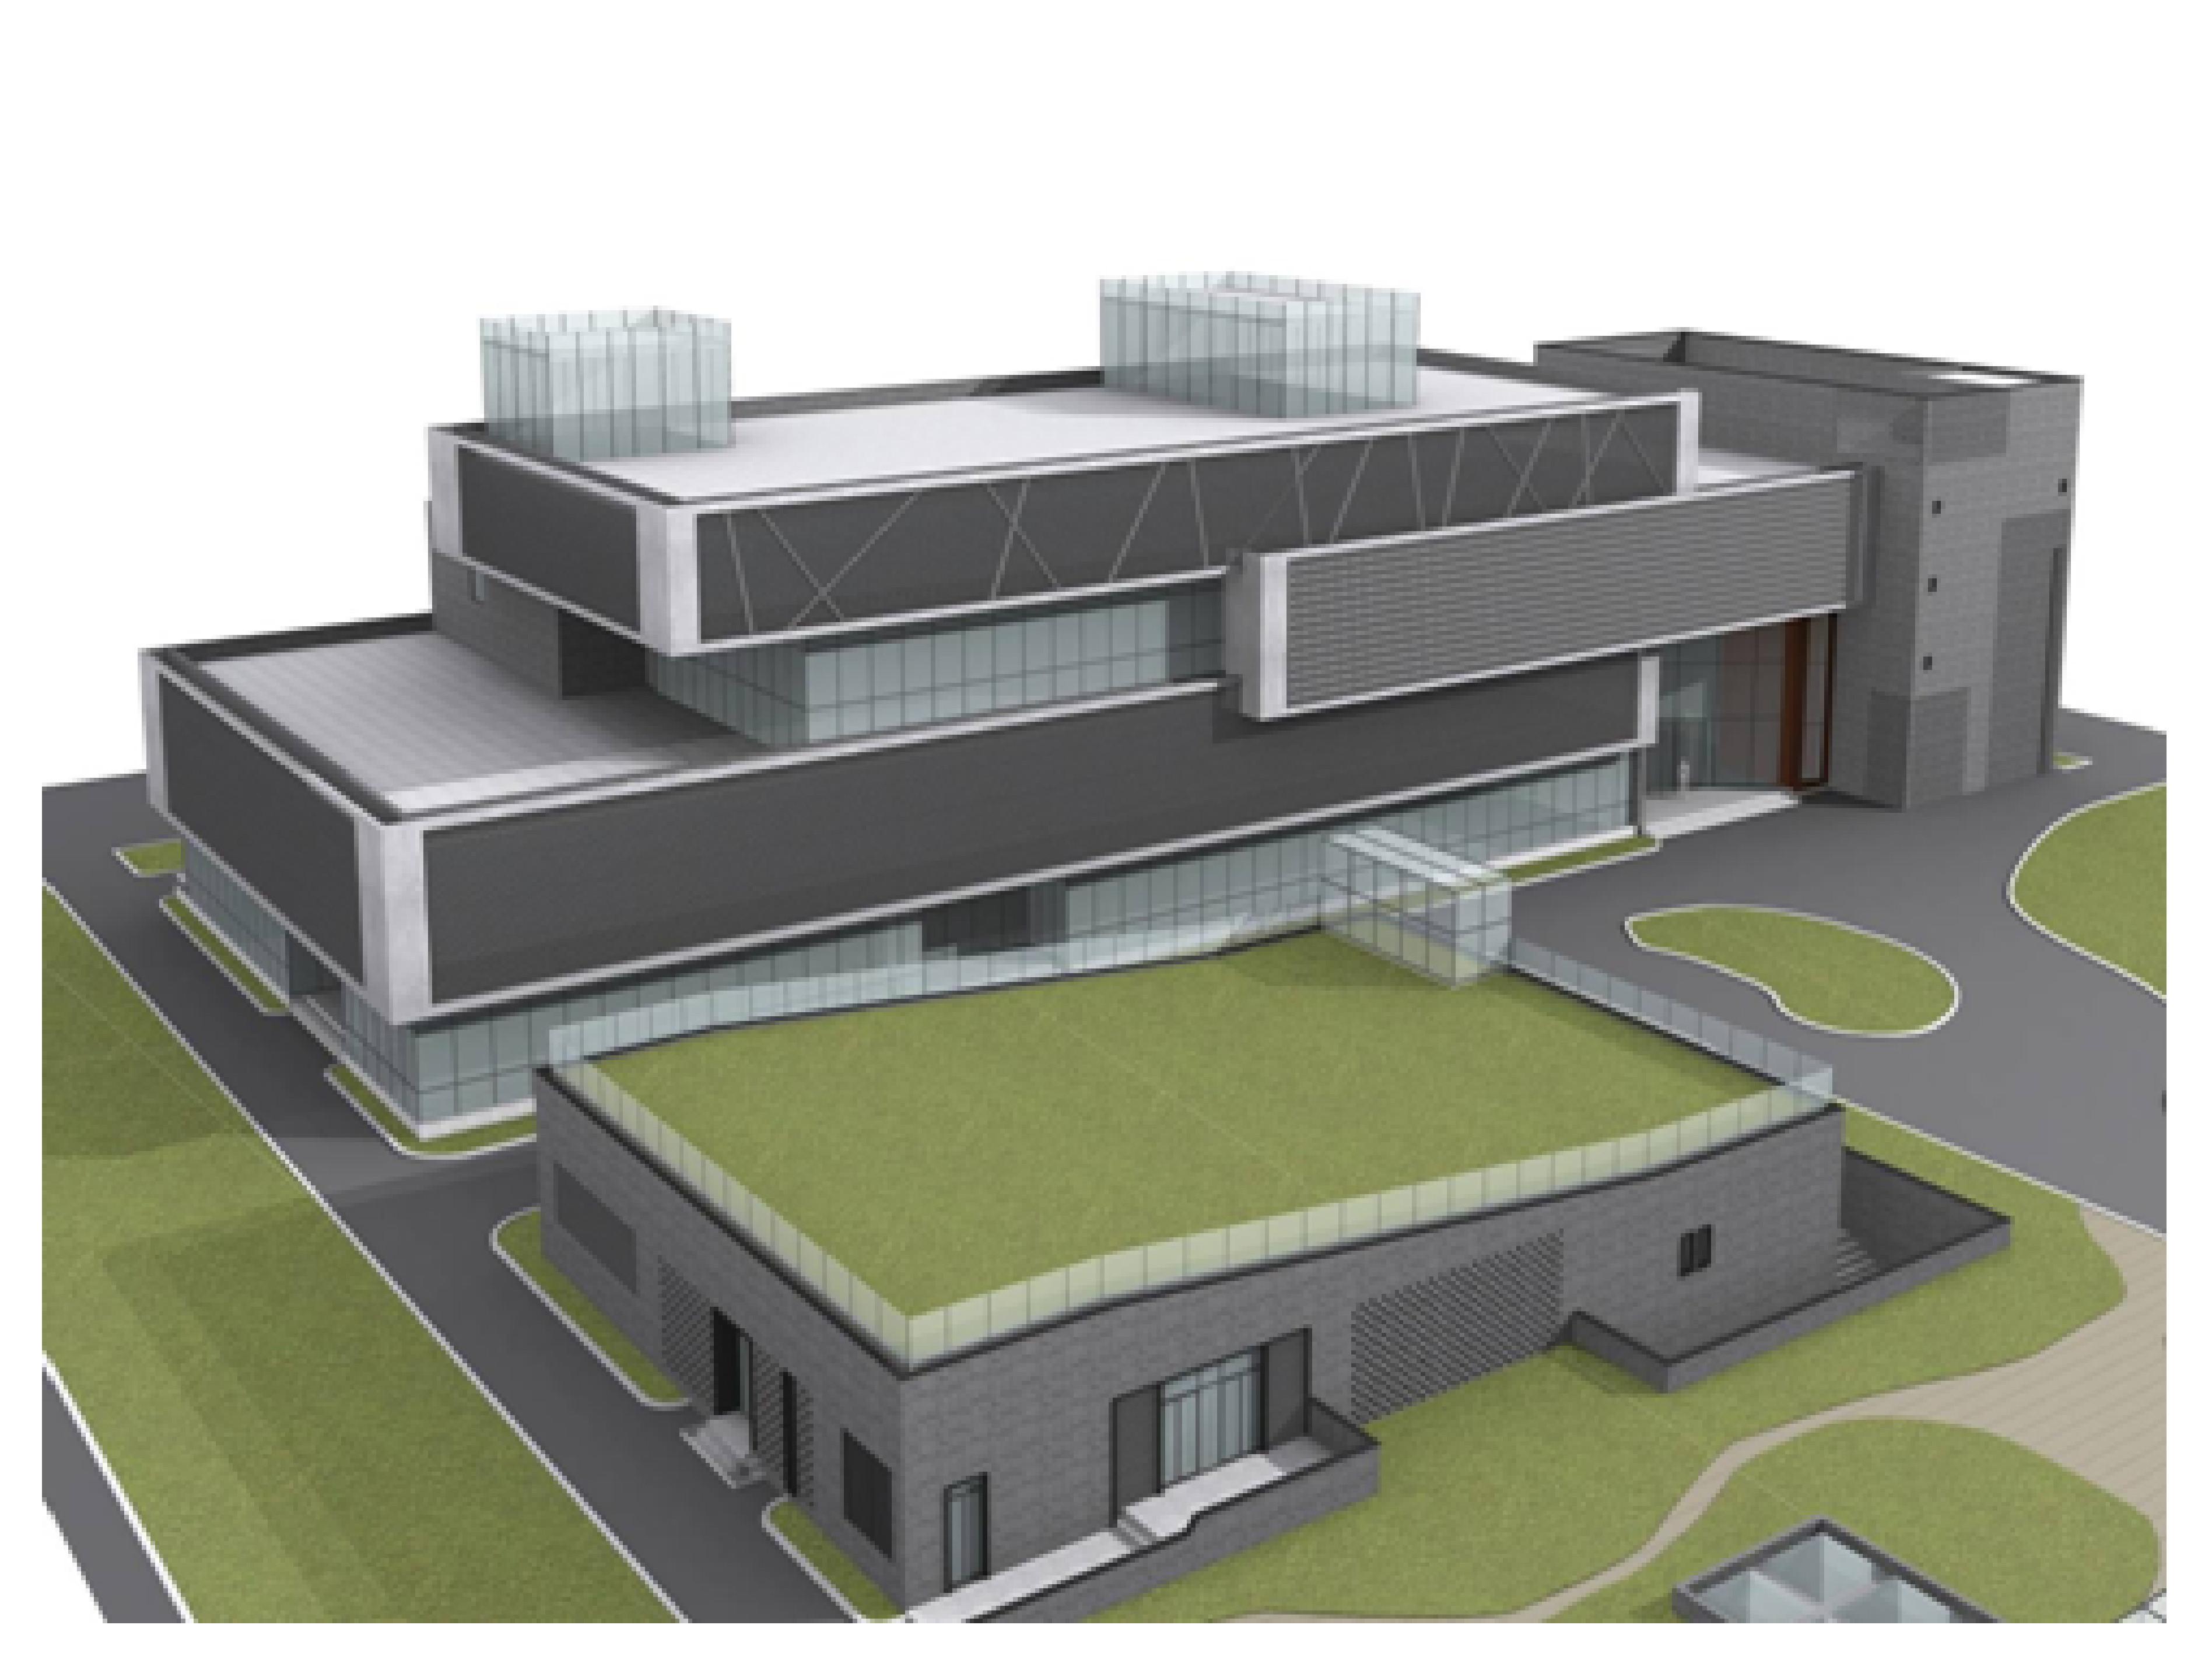 北京电影学院图书馆、综合楼、教学楼等4项工程